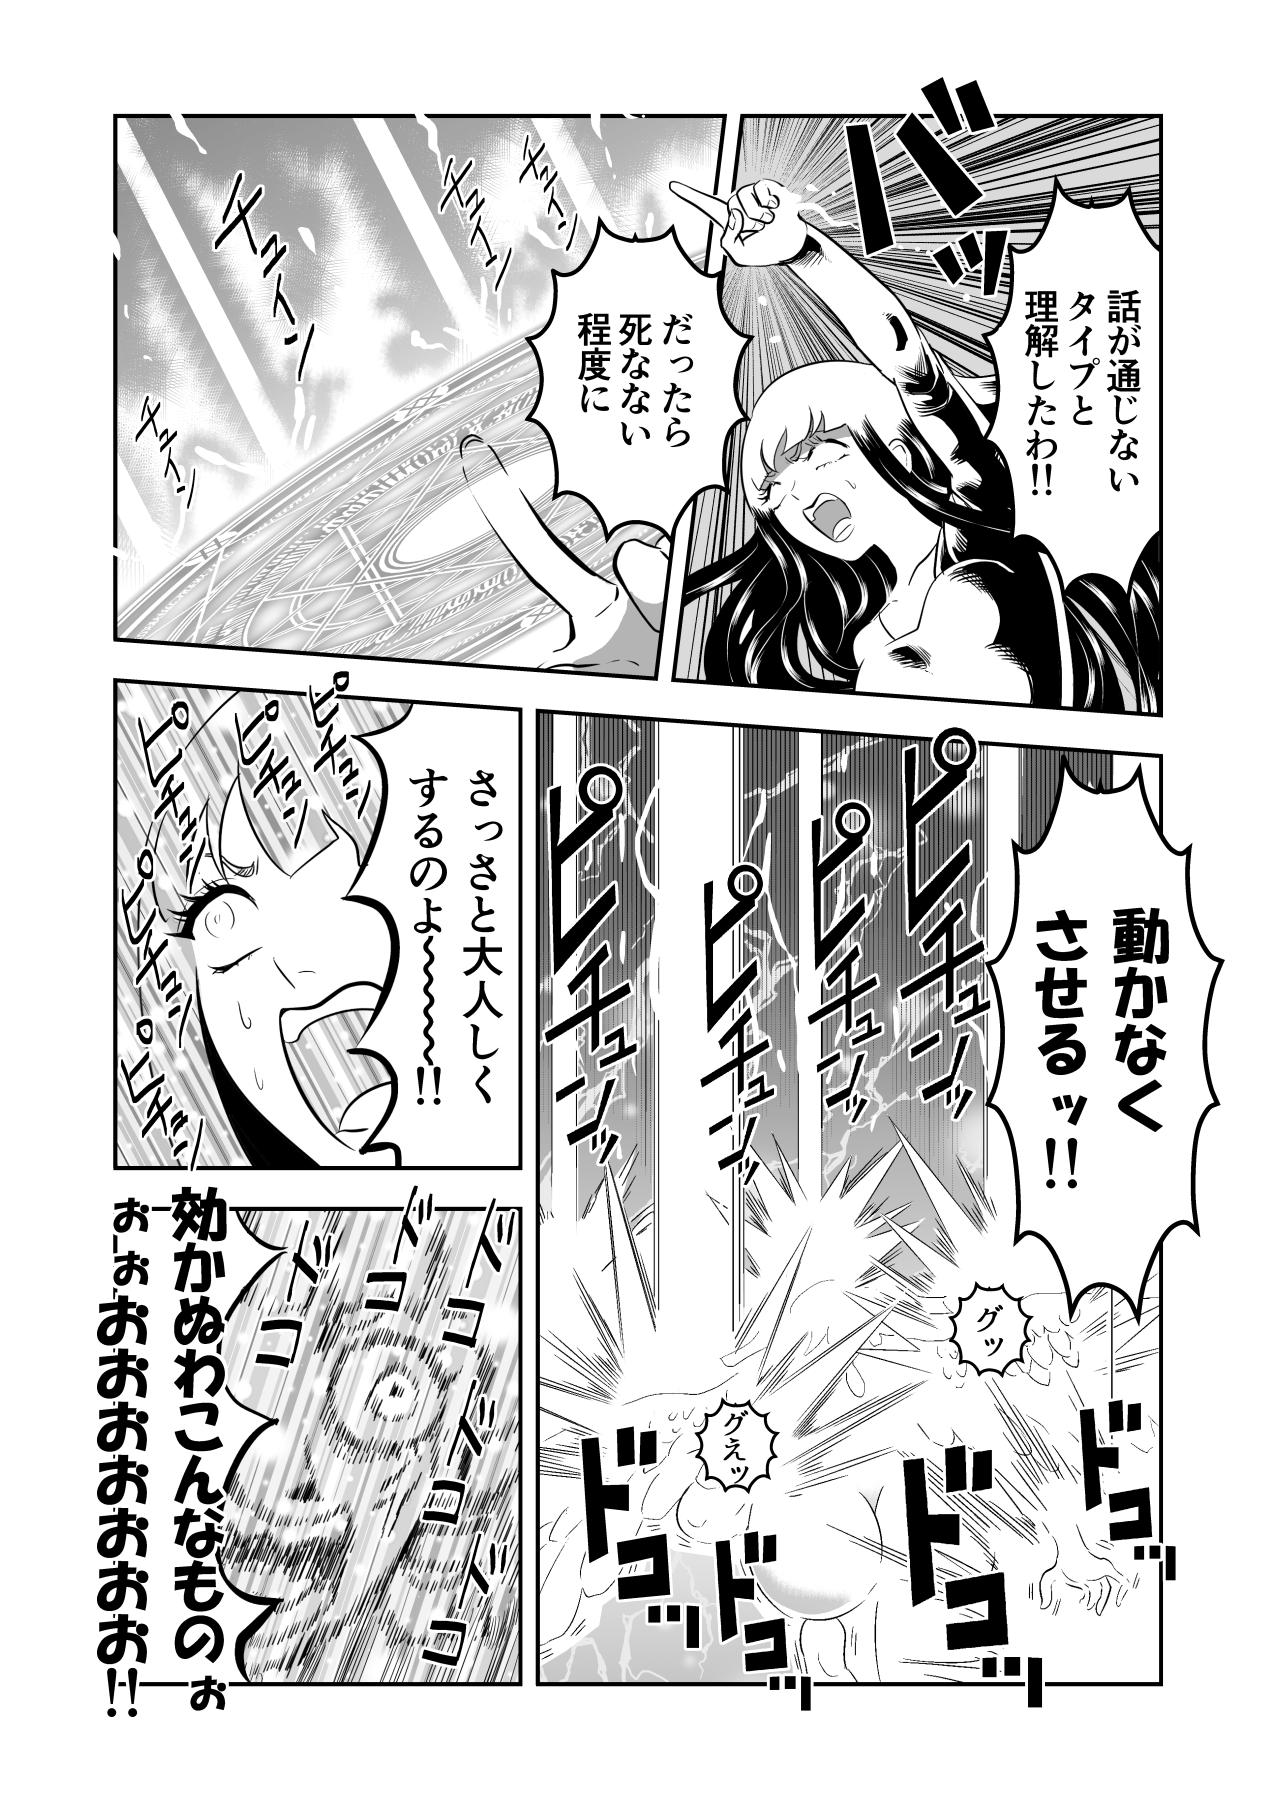 ヤサグレ魔女とグリザベッラと魔女の使い魔0016